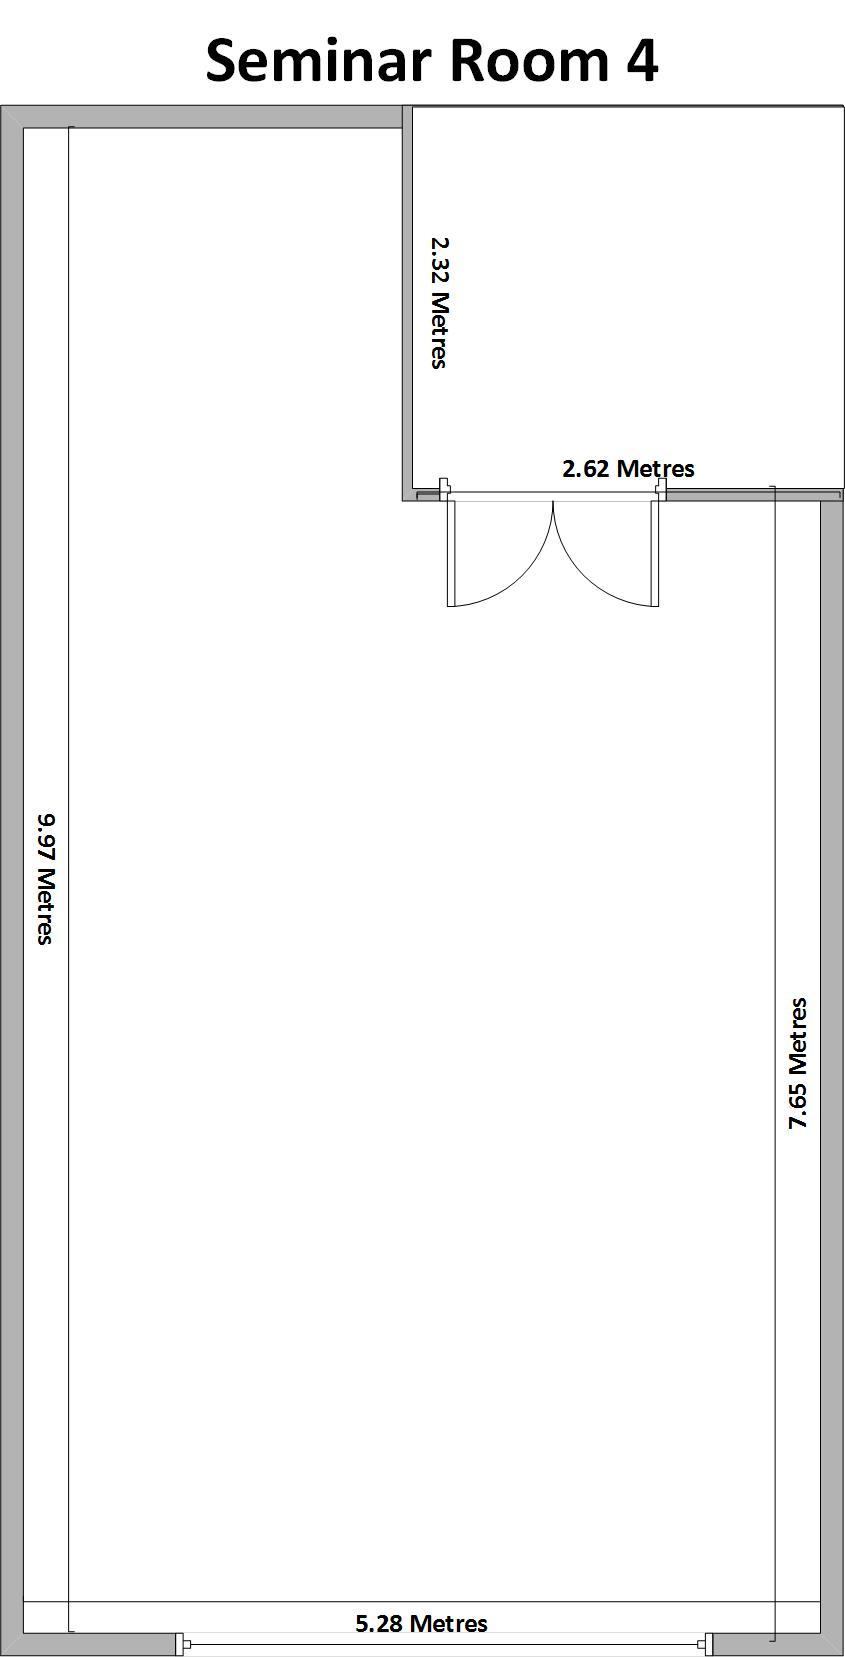 Seminar 4 Floor Plan.jpg